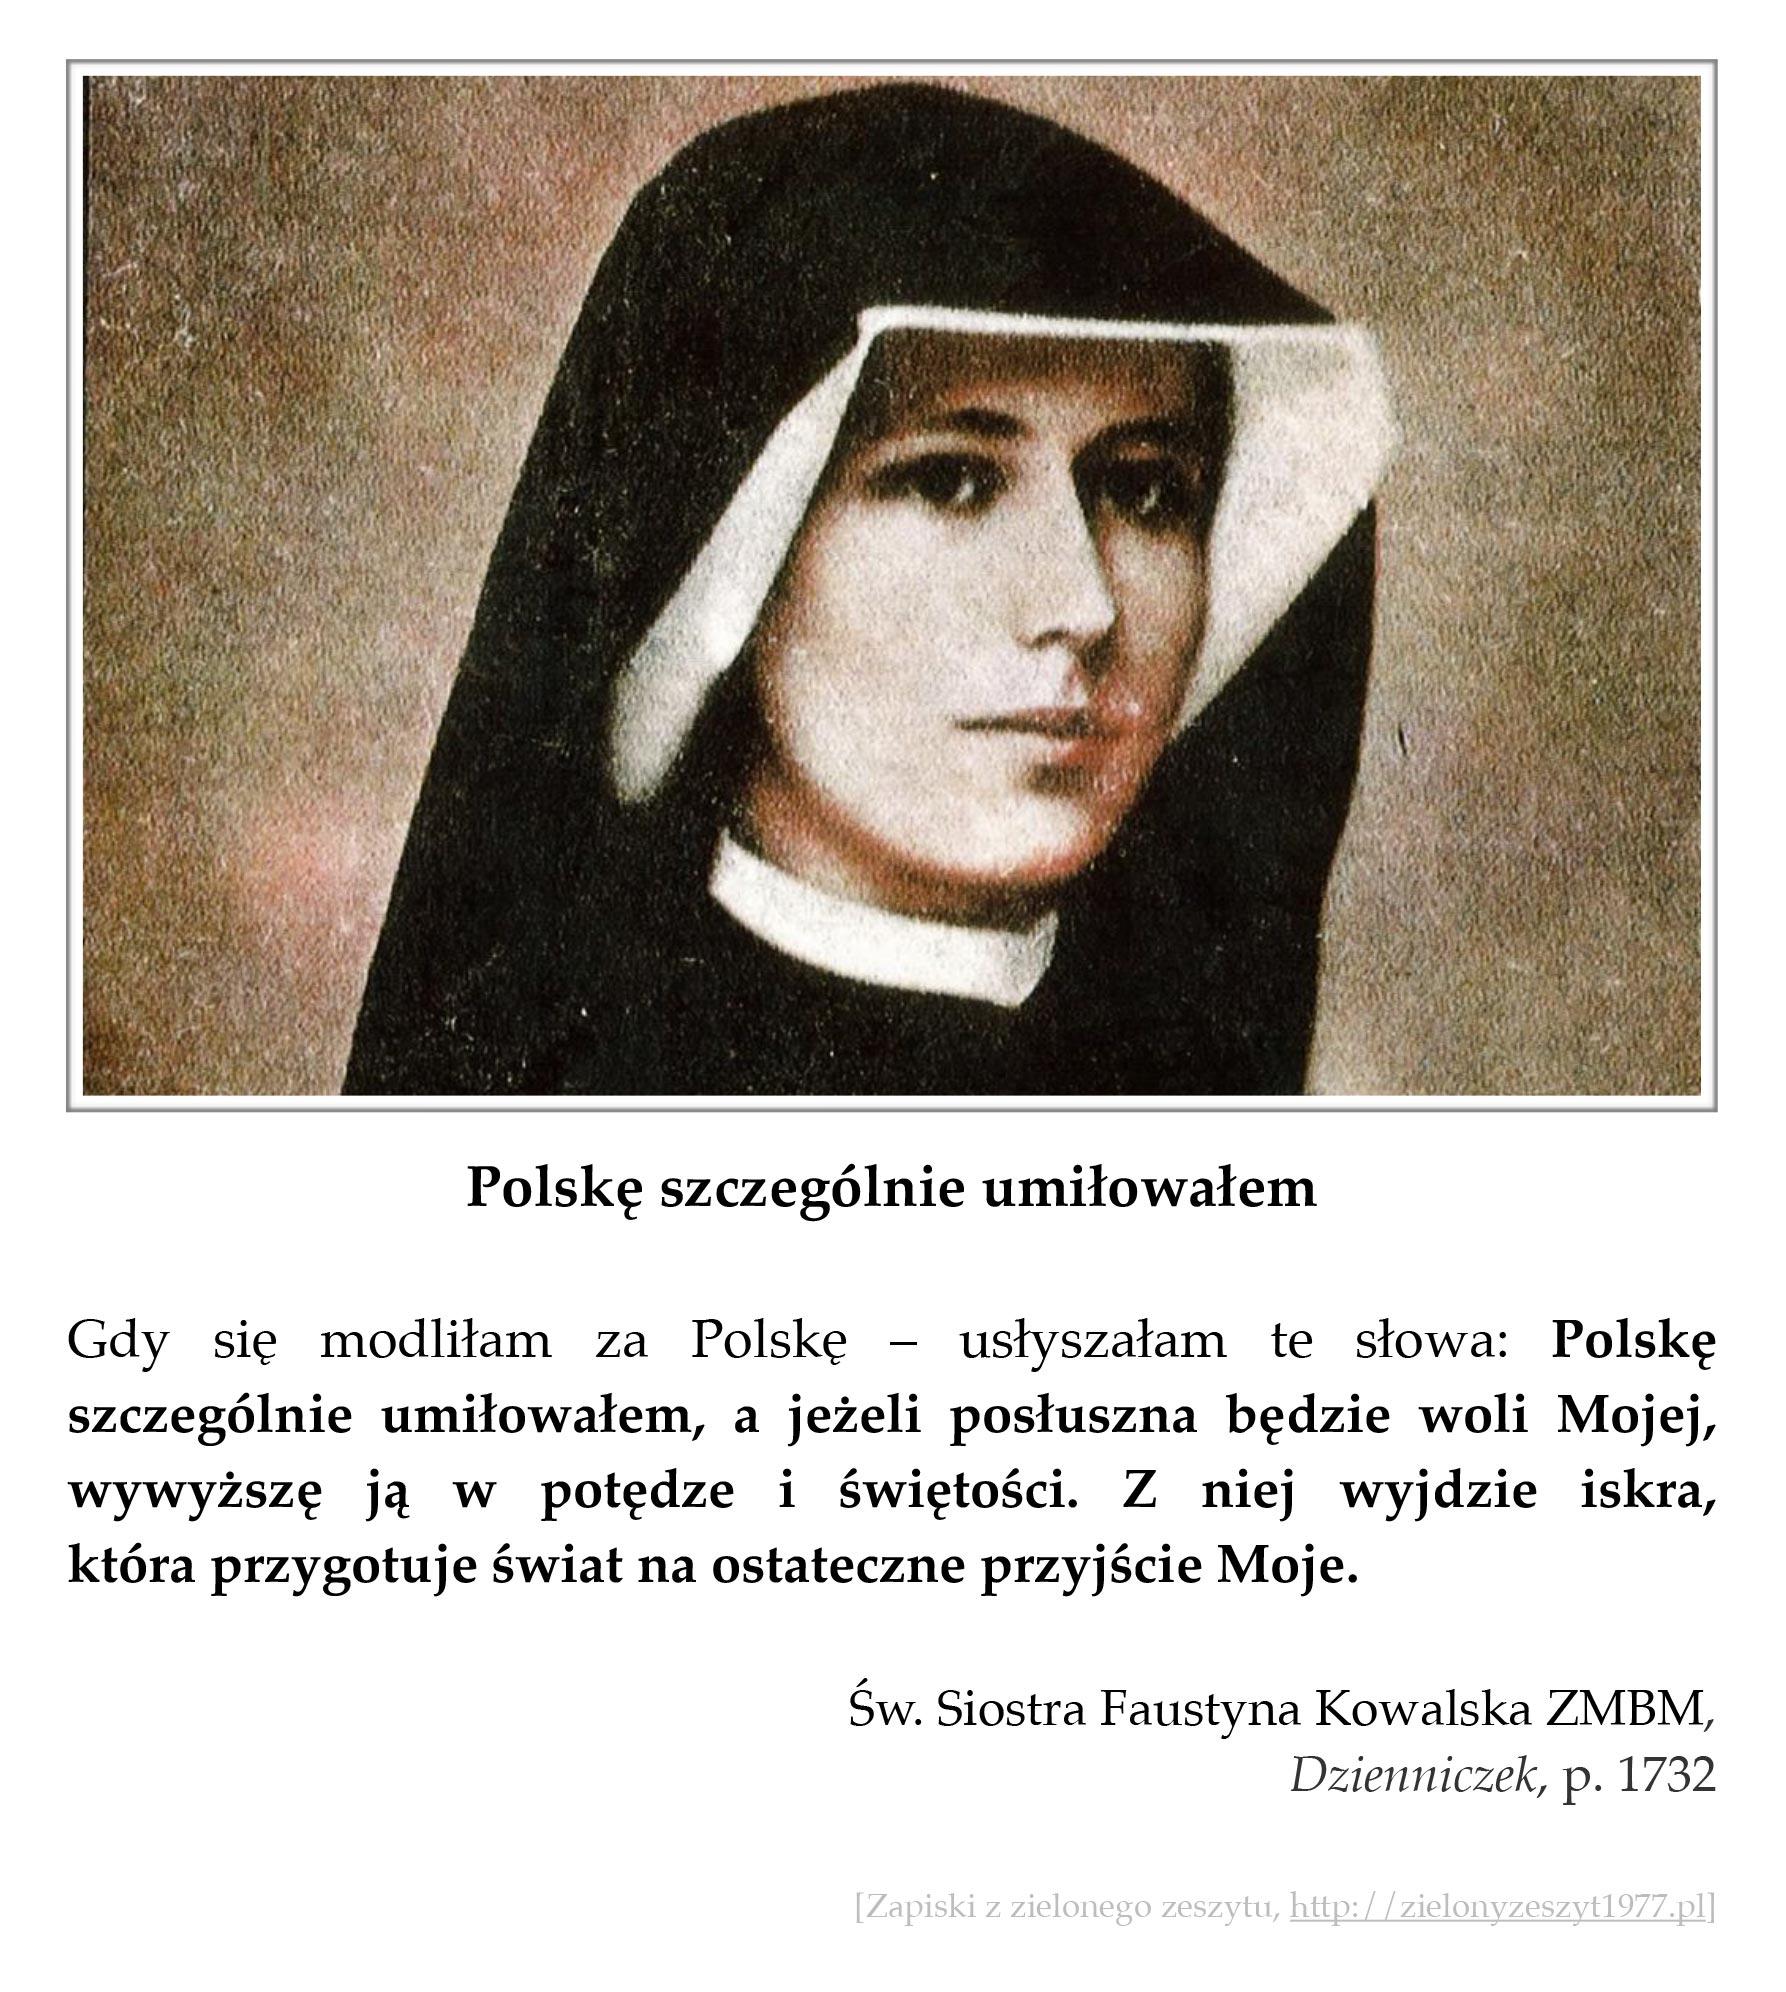 """Św. Siostra Faustyna Kowalska ZMBM, """"Dzienniczek"""", p. 1732 (Polskę szczególnie umiłowałem)"""